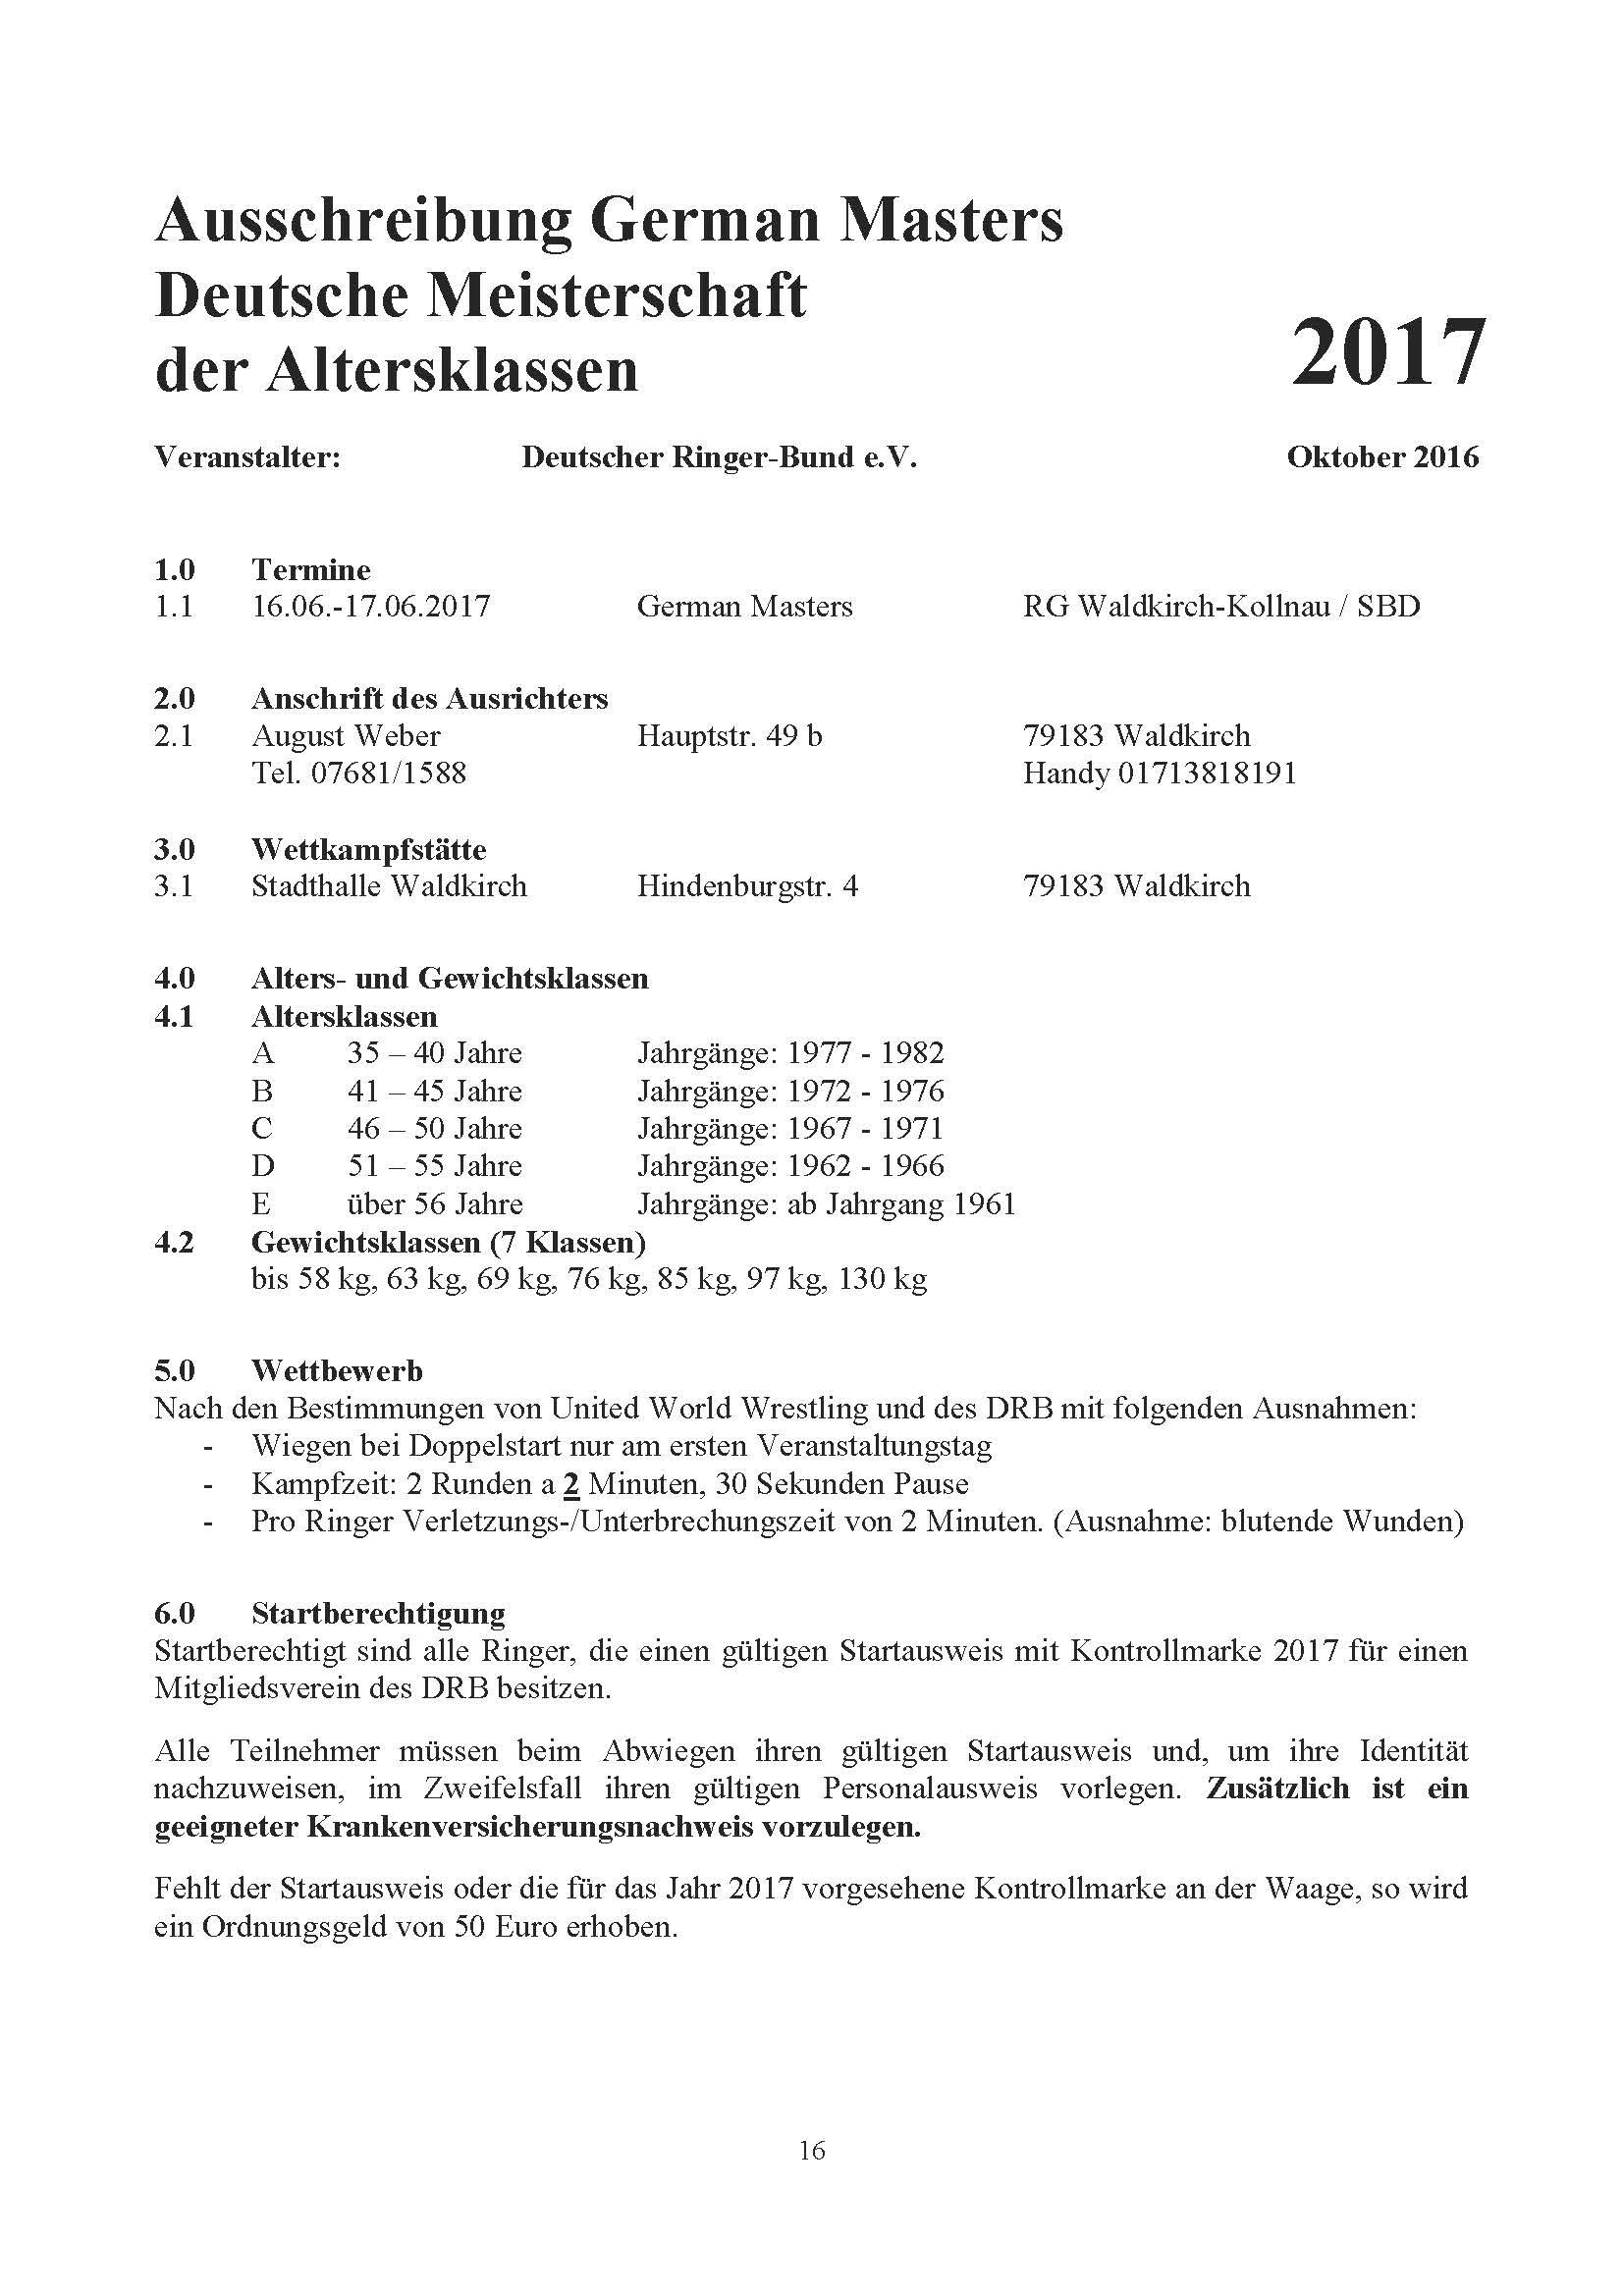 German Masters 2017 GR